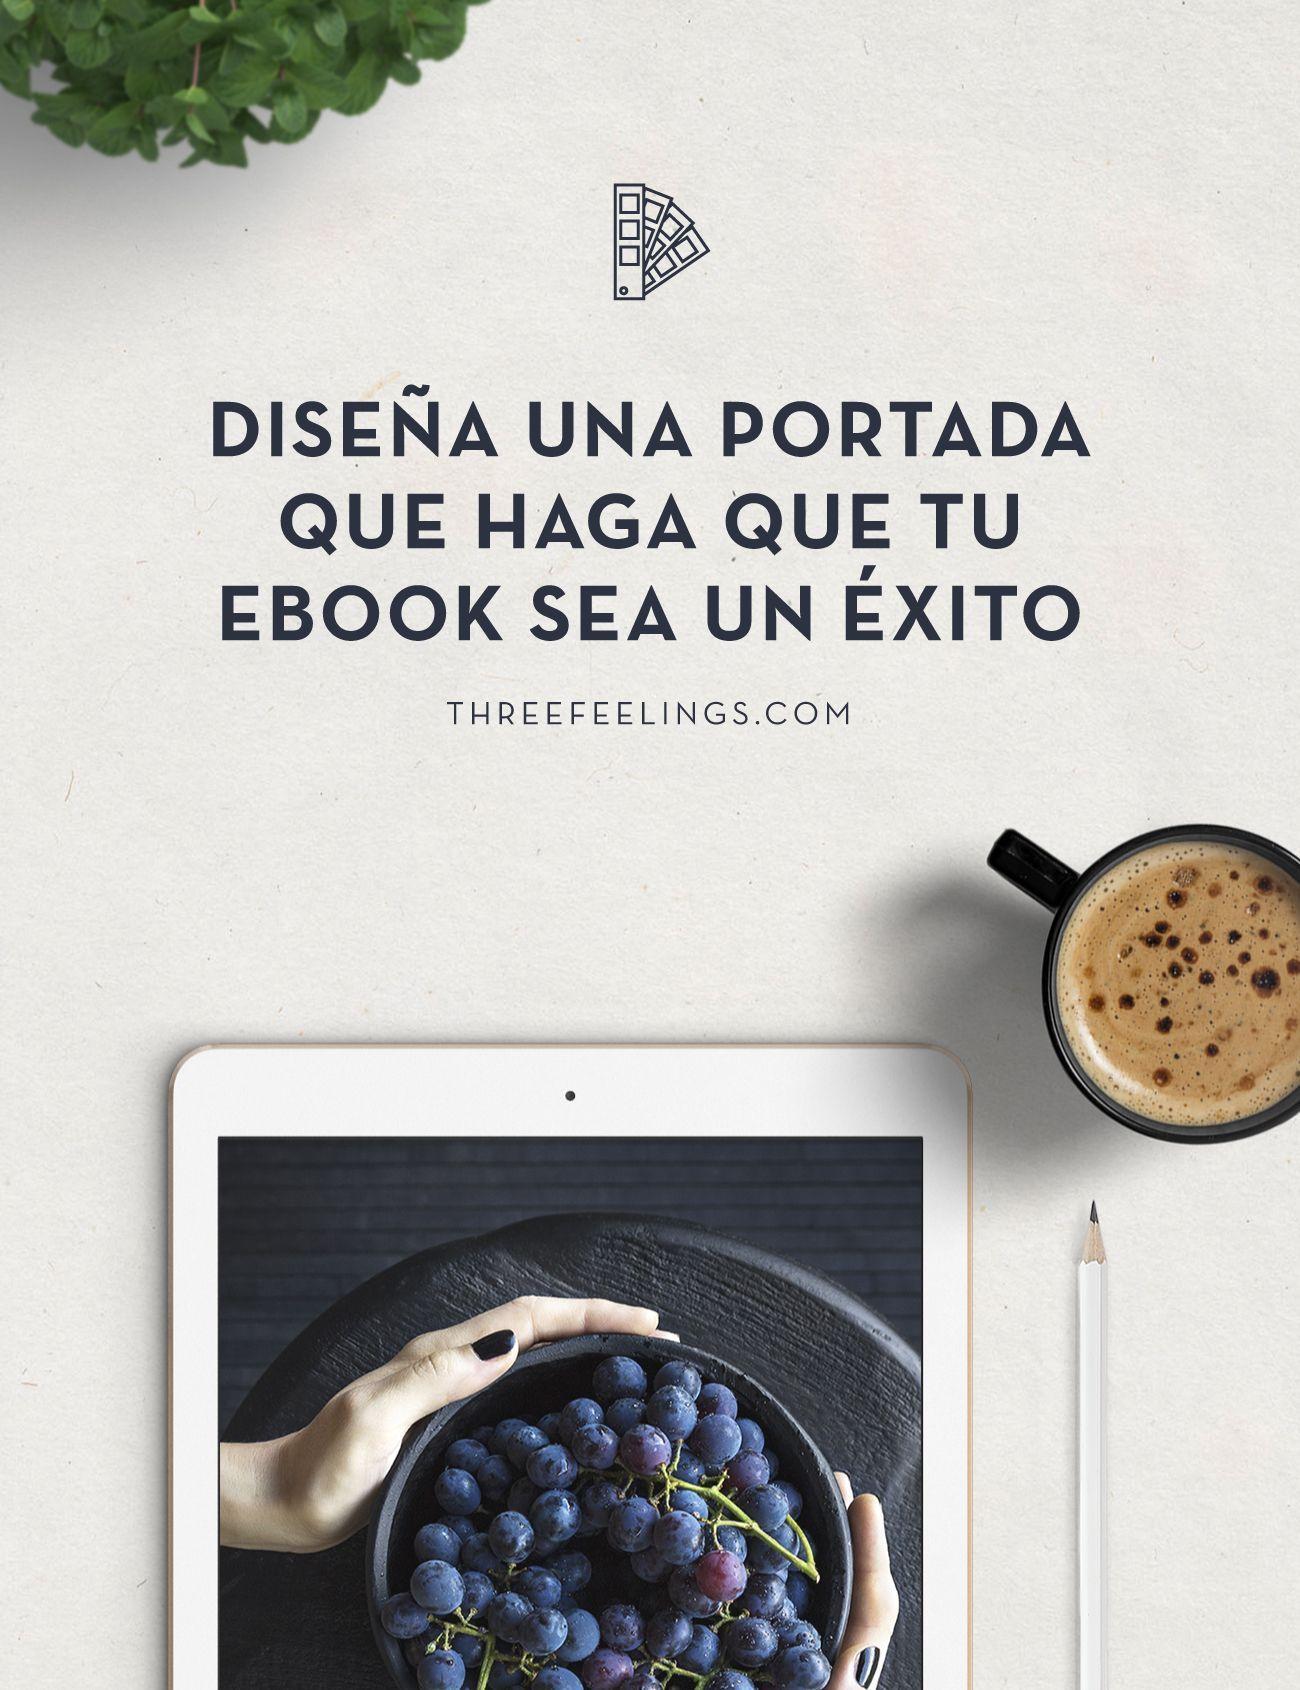 Diseña una portada para ebook